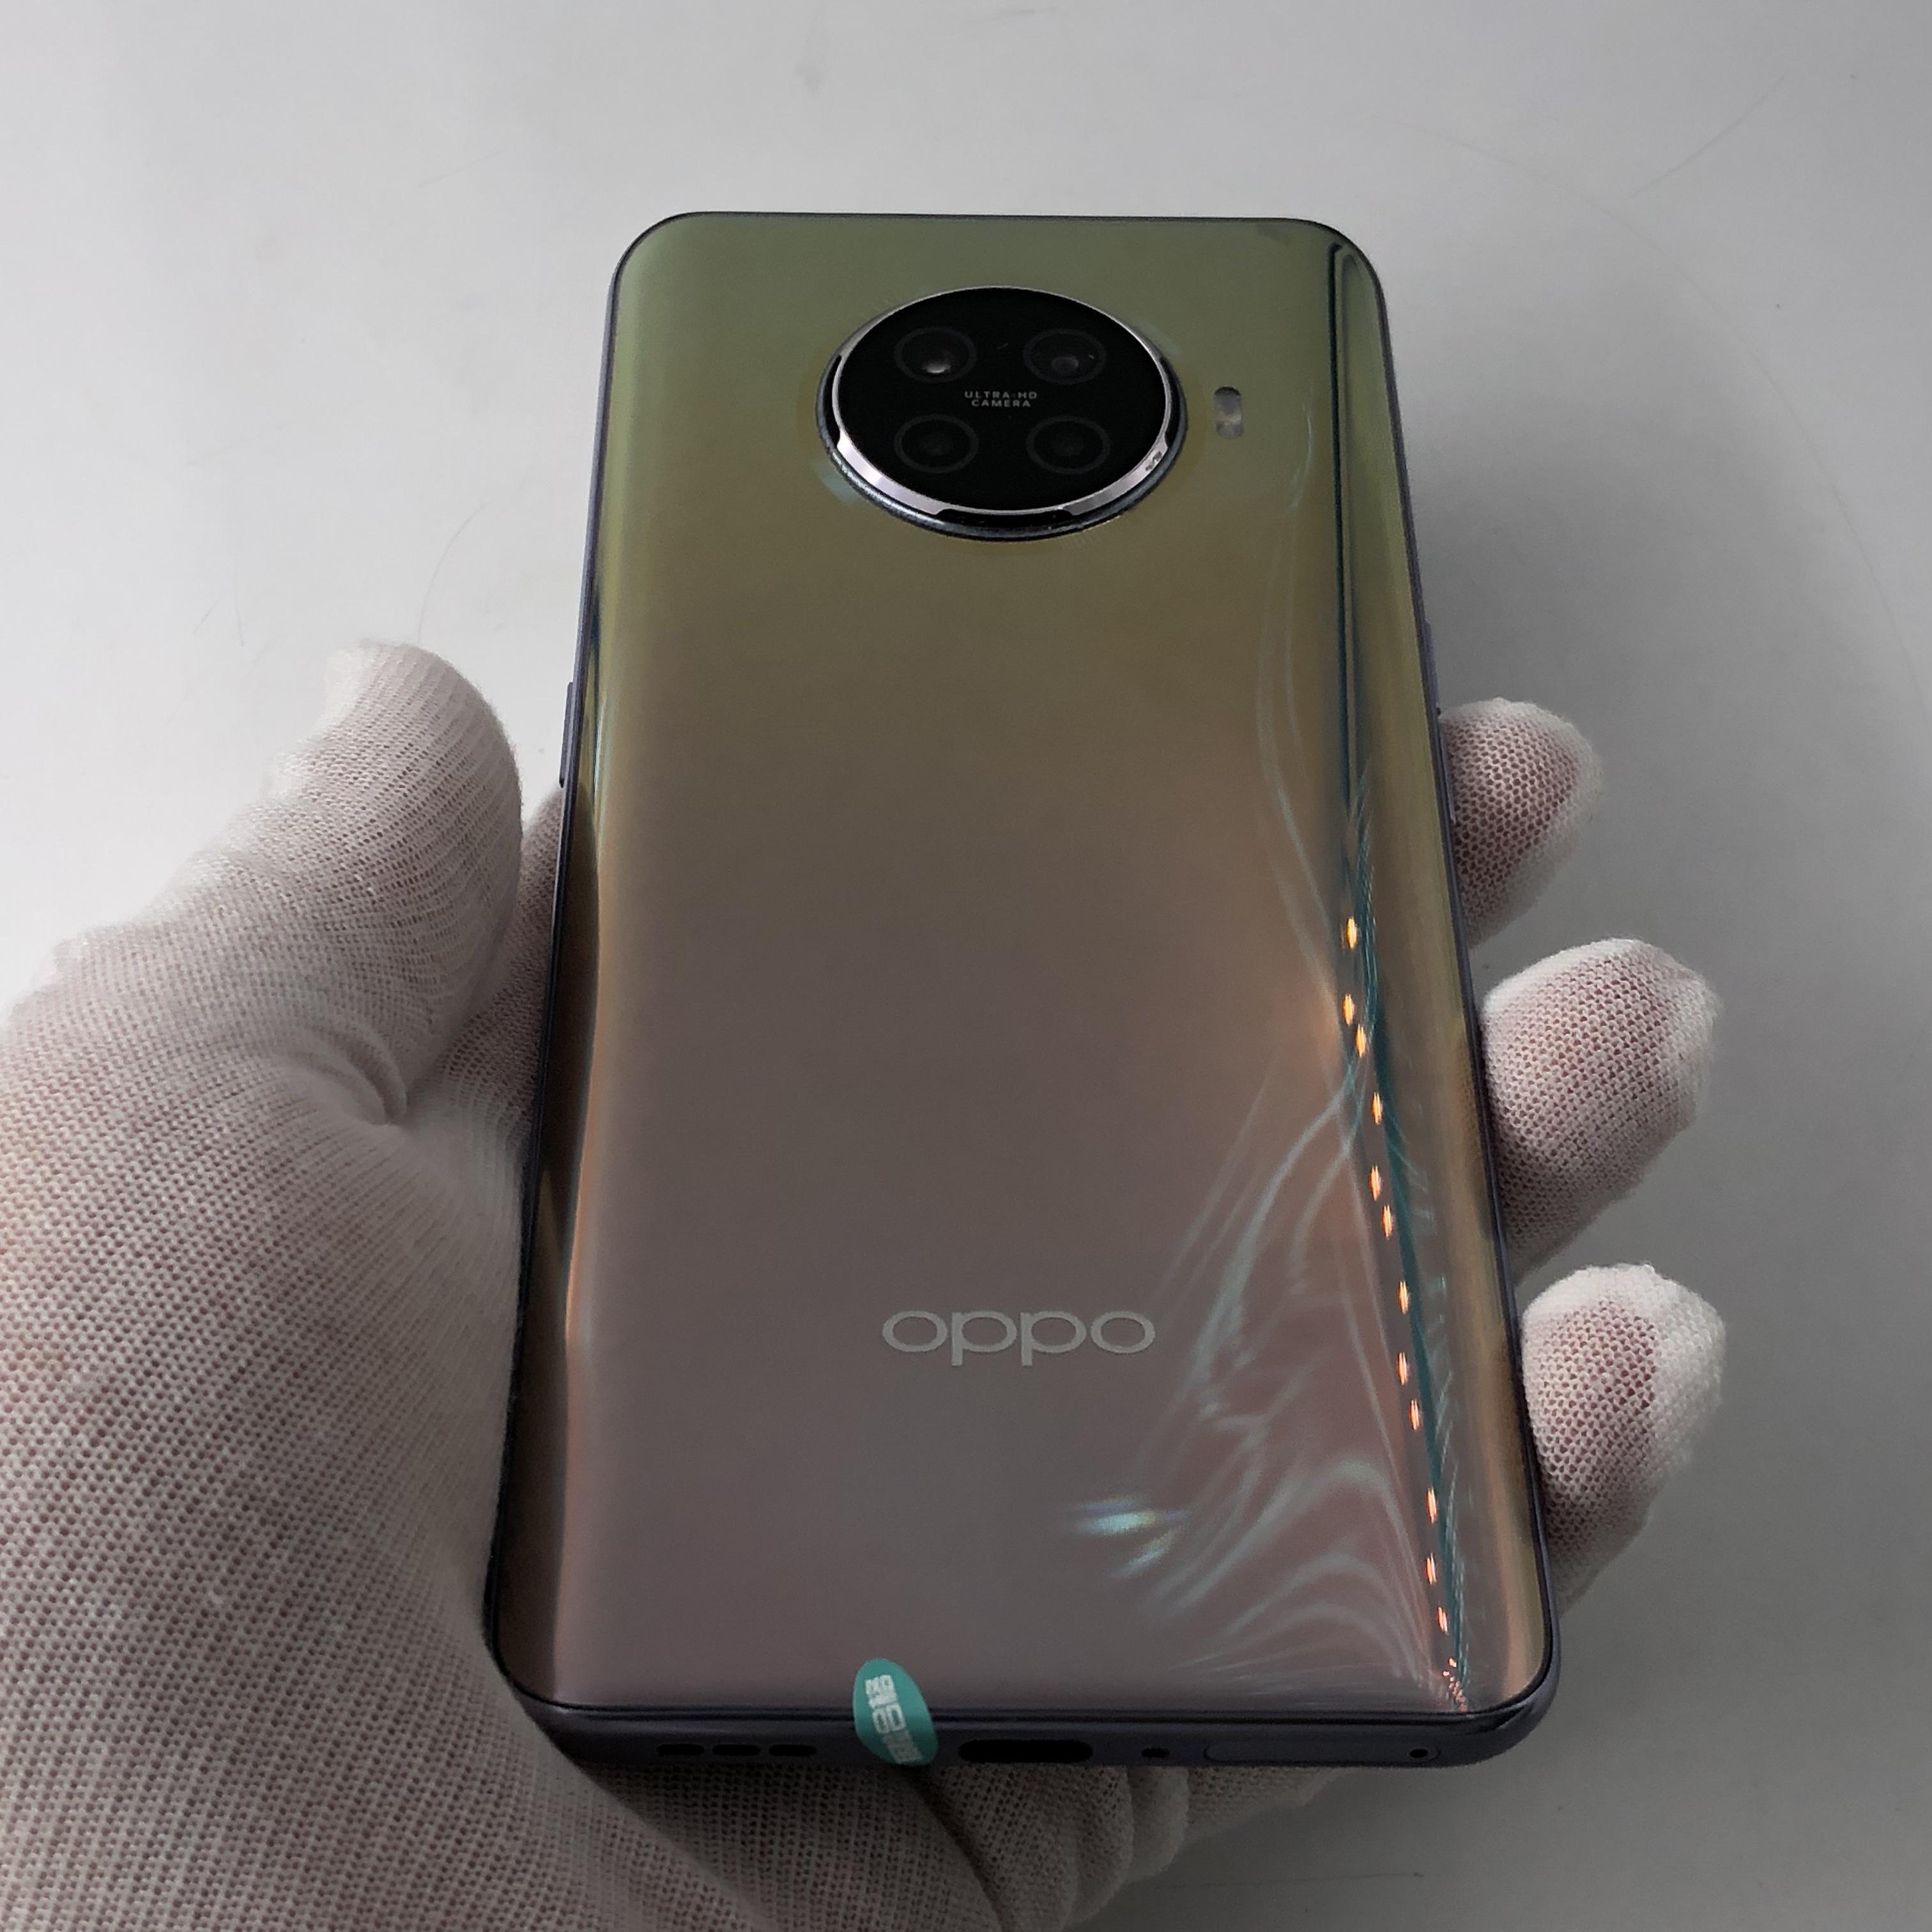 oppo【Ace2 5G】5G全网通 梦幻紫 12G/256G 国行 95新